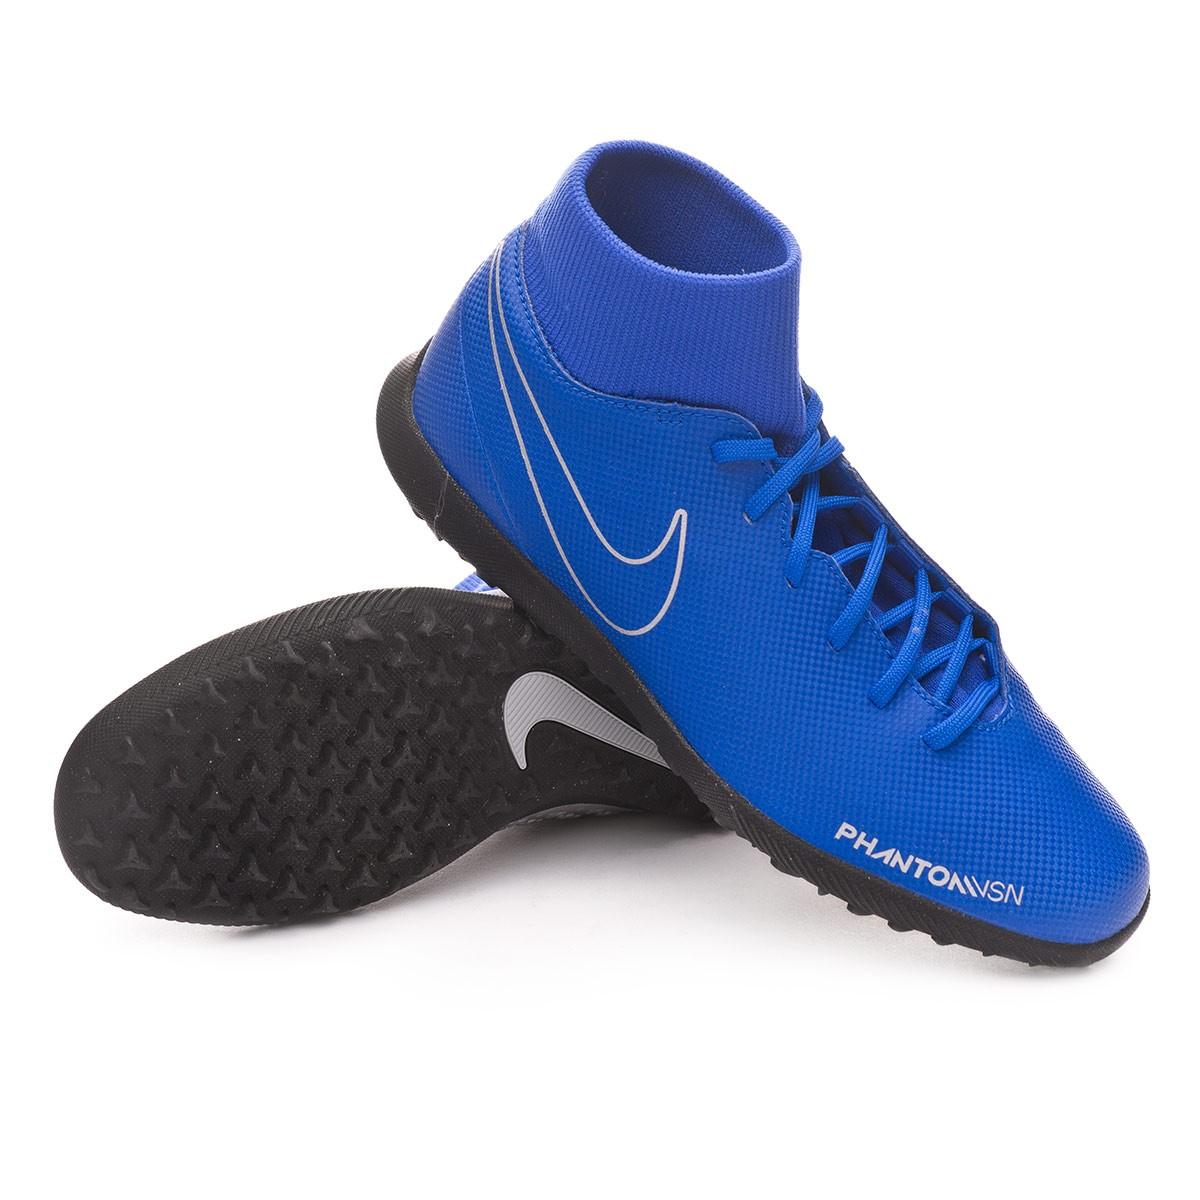 big sale 6aee2 c537f Nike Phantom Vision Club DF Turf Football Boot